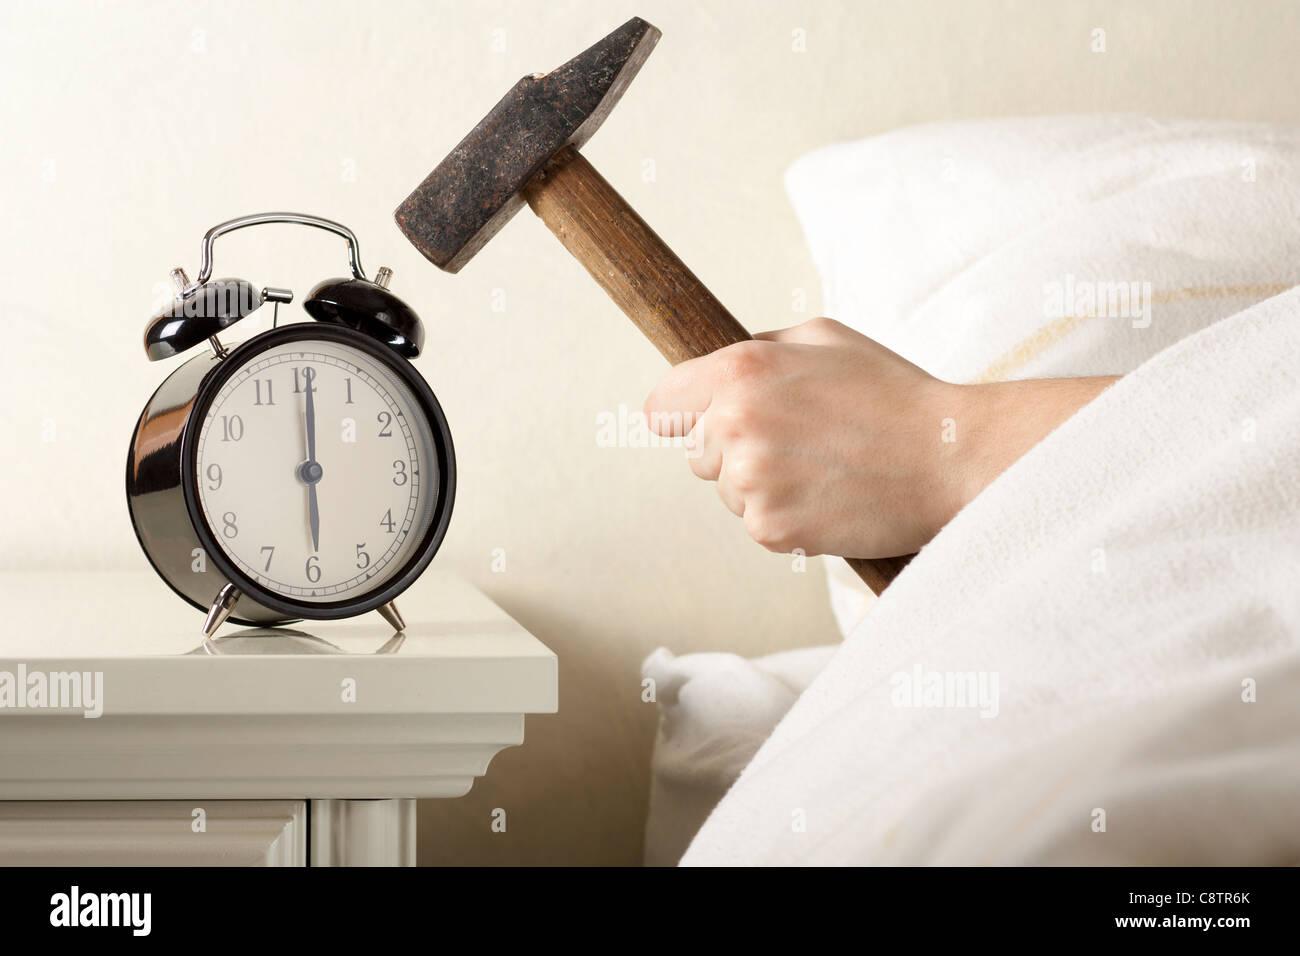 Wecker mit Hammer zerkleinern Stockbild